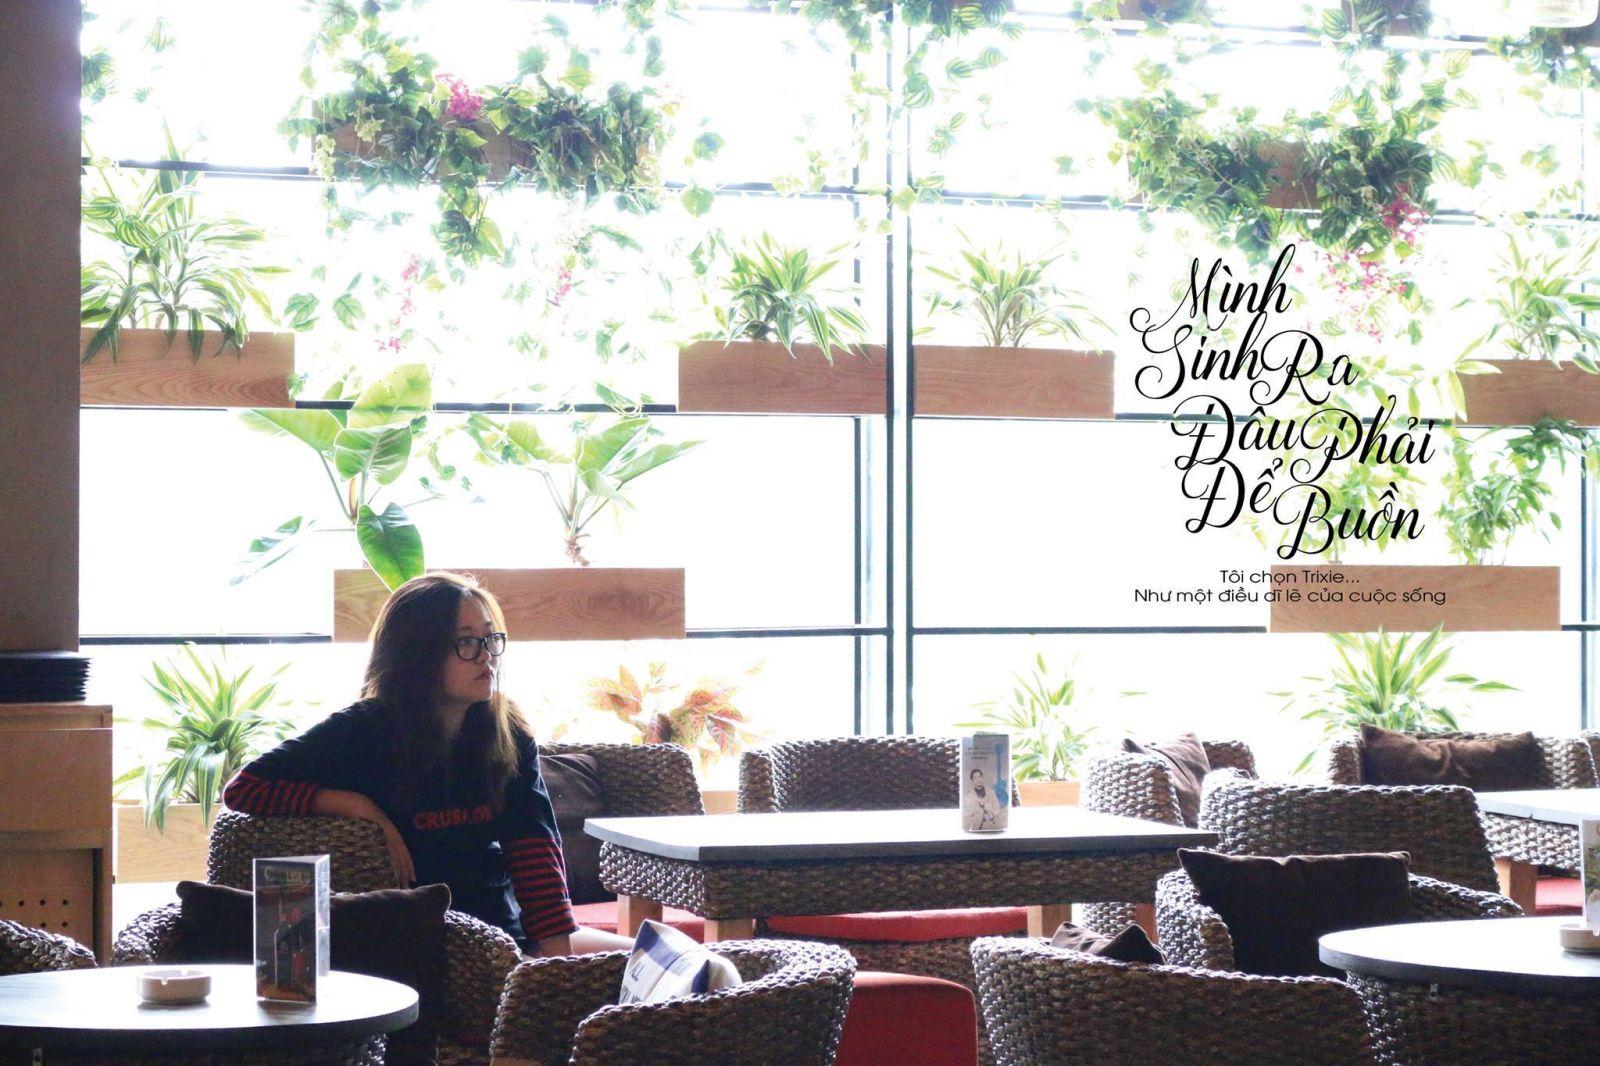 ĐI TÌM QUÁN CAFÉ LÀM VIỆC NHIỀU CẢM HỨNG NHẤT Ở HÀ NỘI